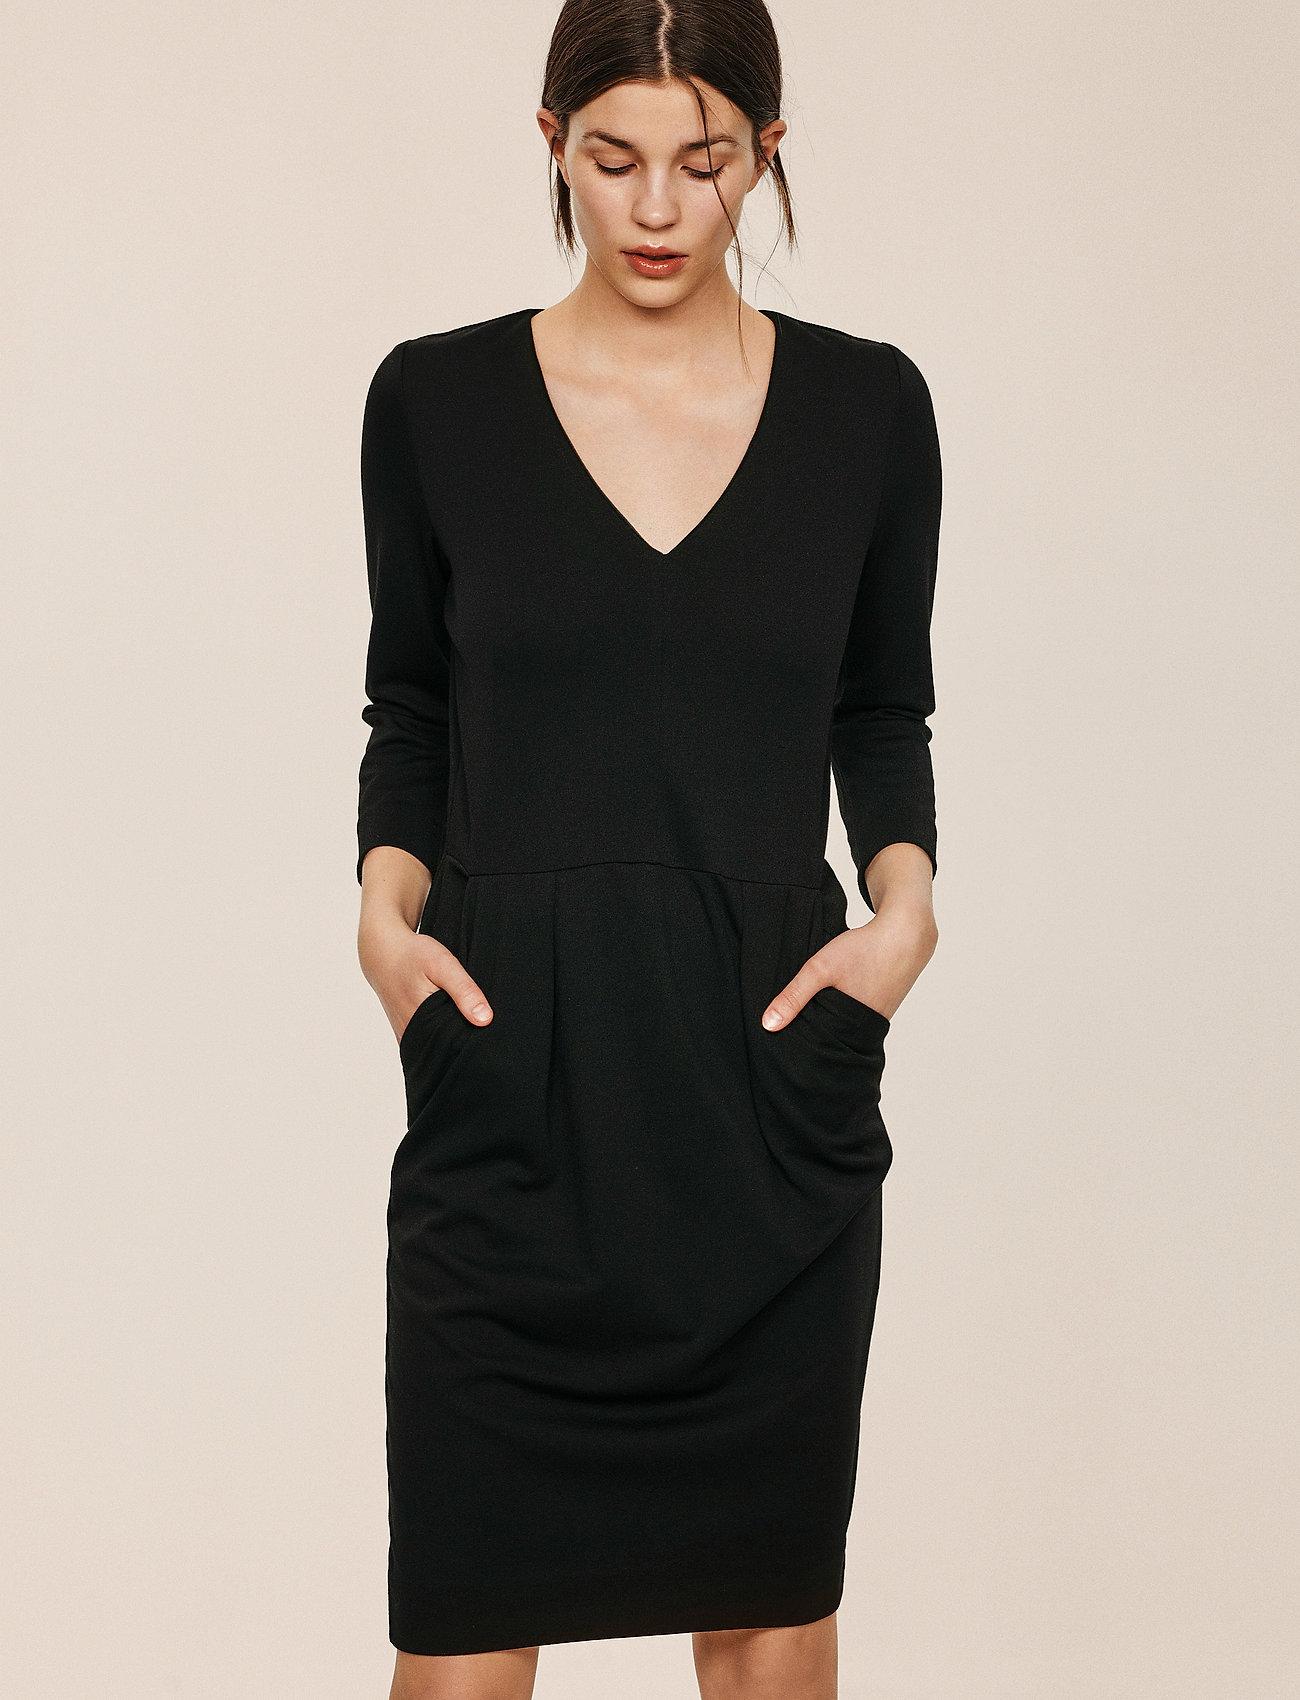 InWear Nira Dress - Kjoler BLACK - Dameklær Spesialtilbud